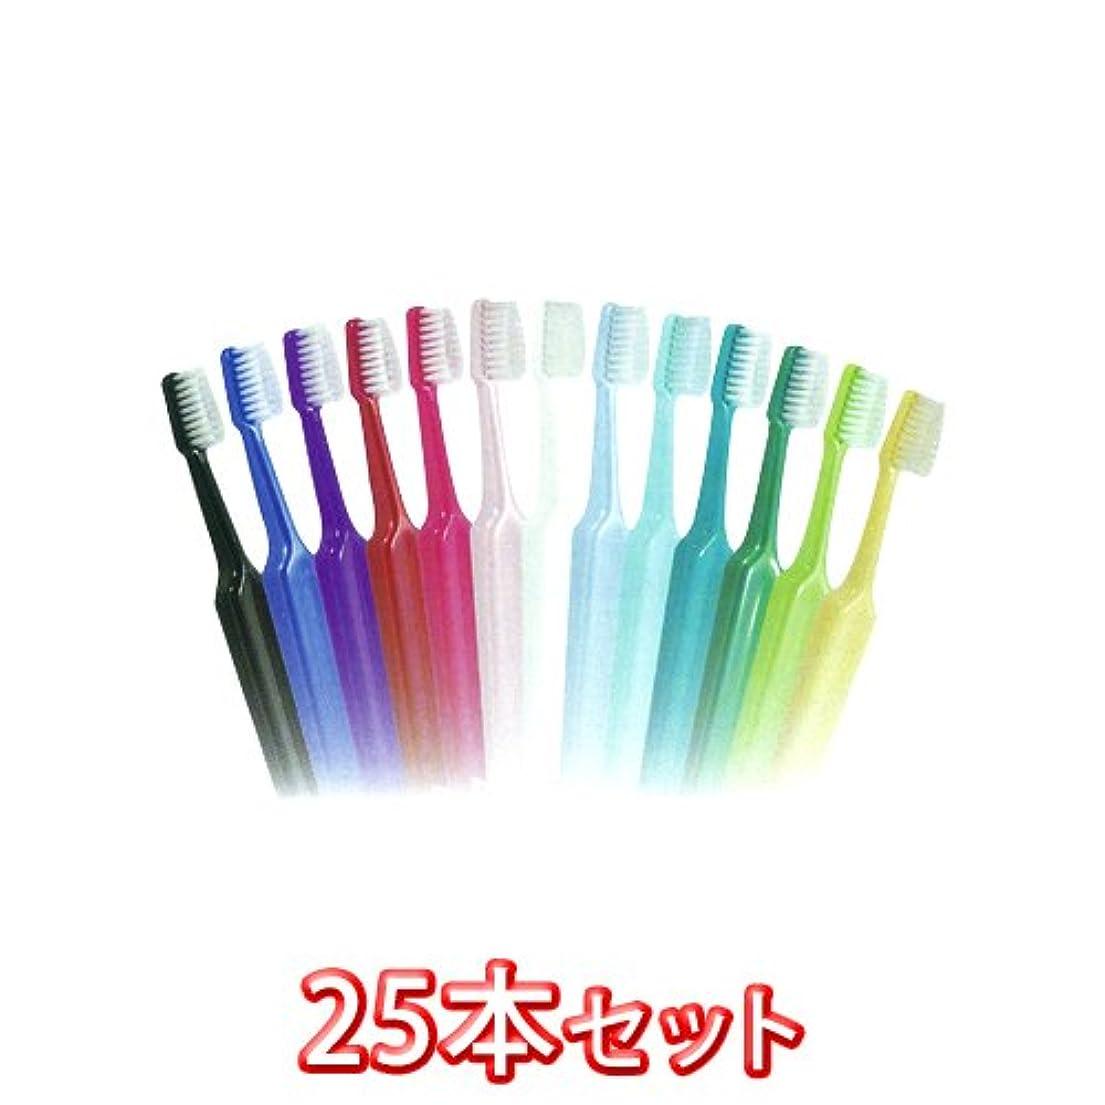 発掘スピーカー噴火TePeテペセレクトコンパクト歯ブラシ 25本(コンパクトミディアム)